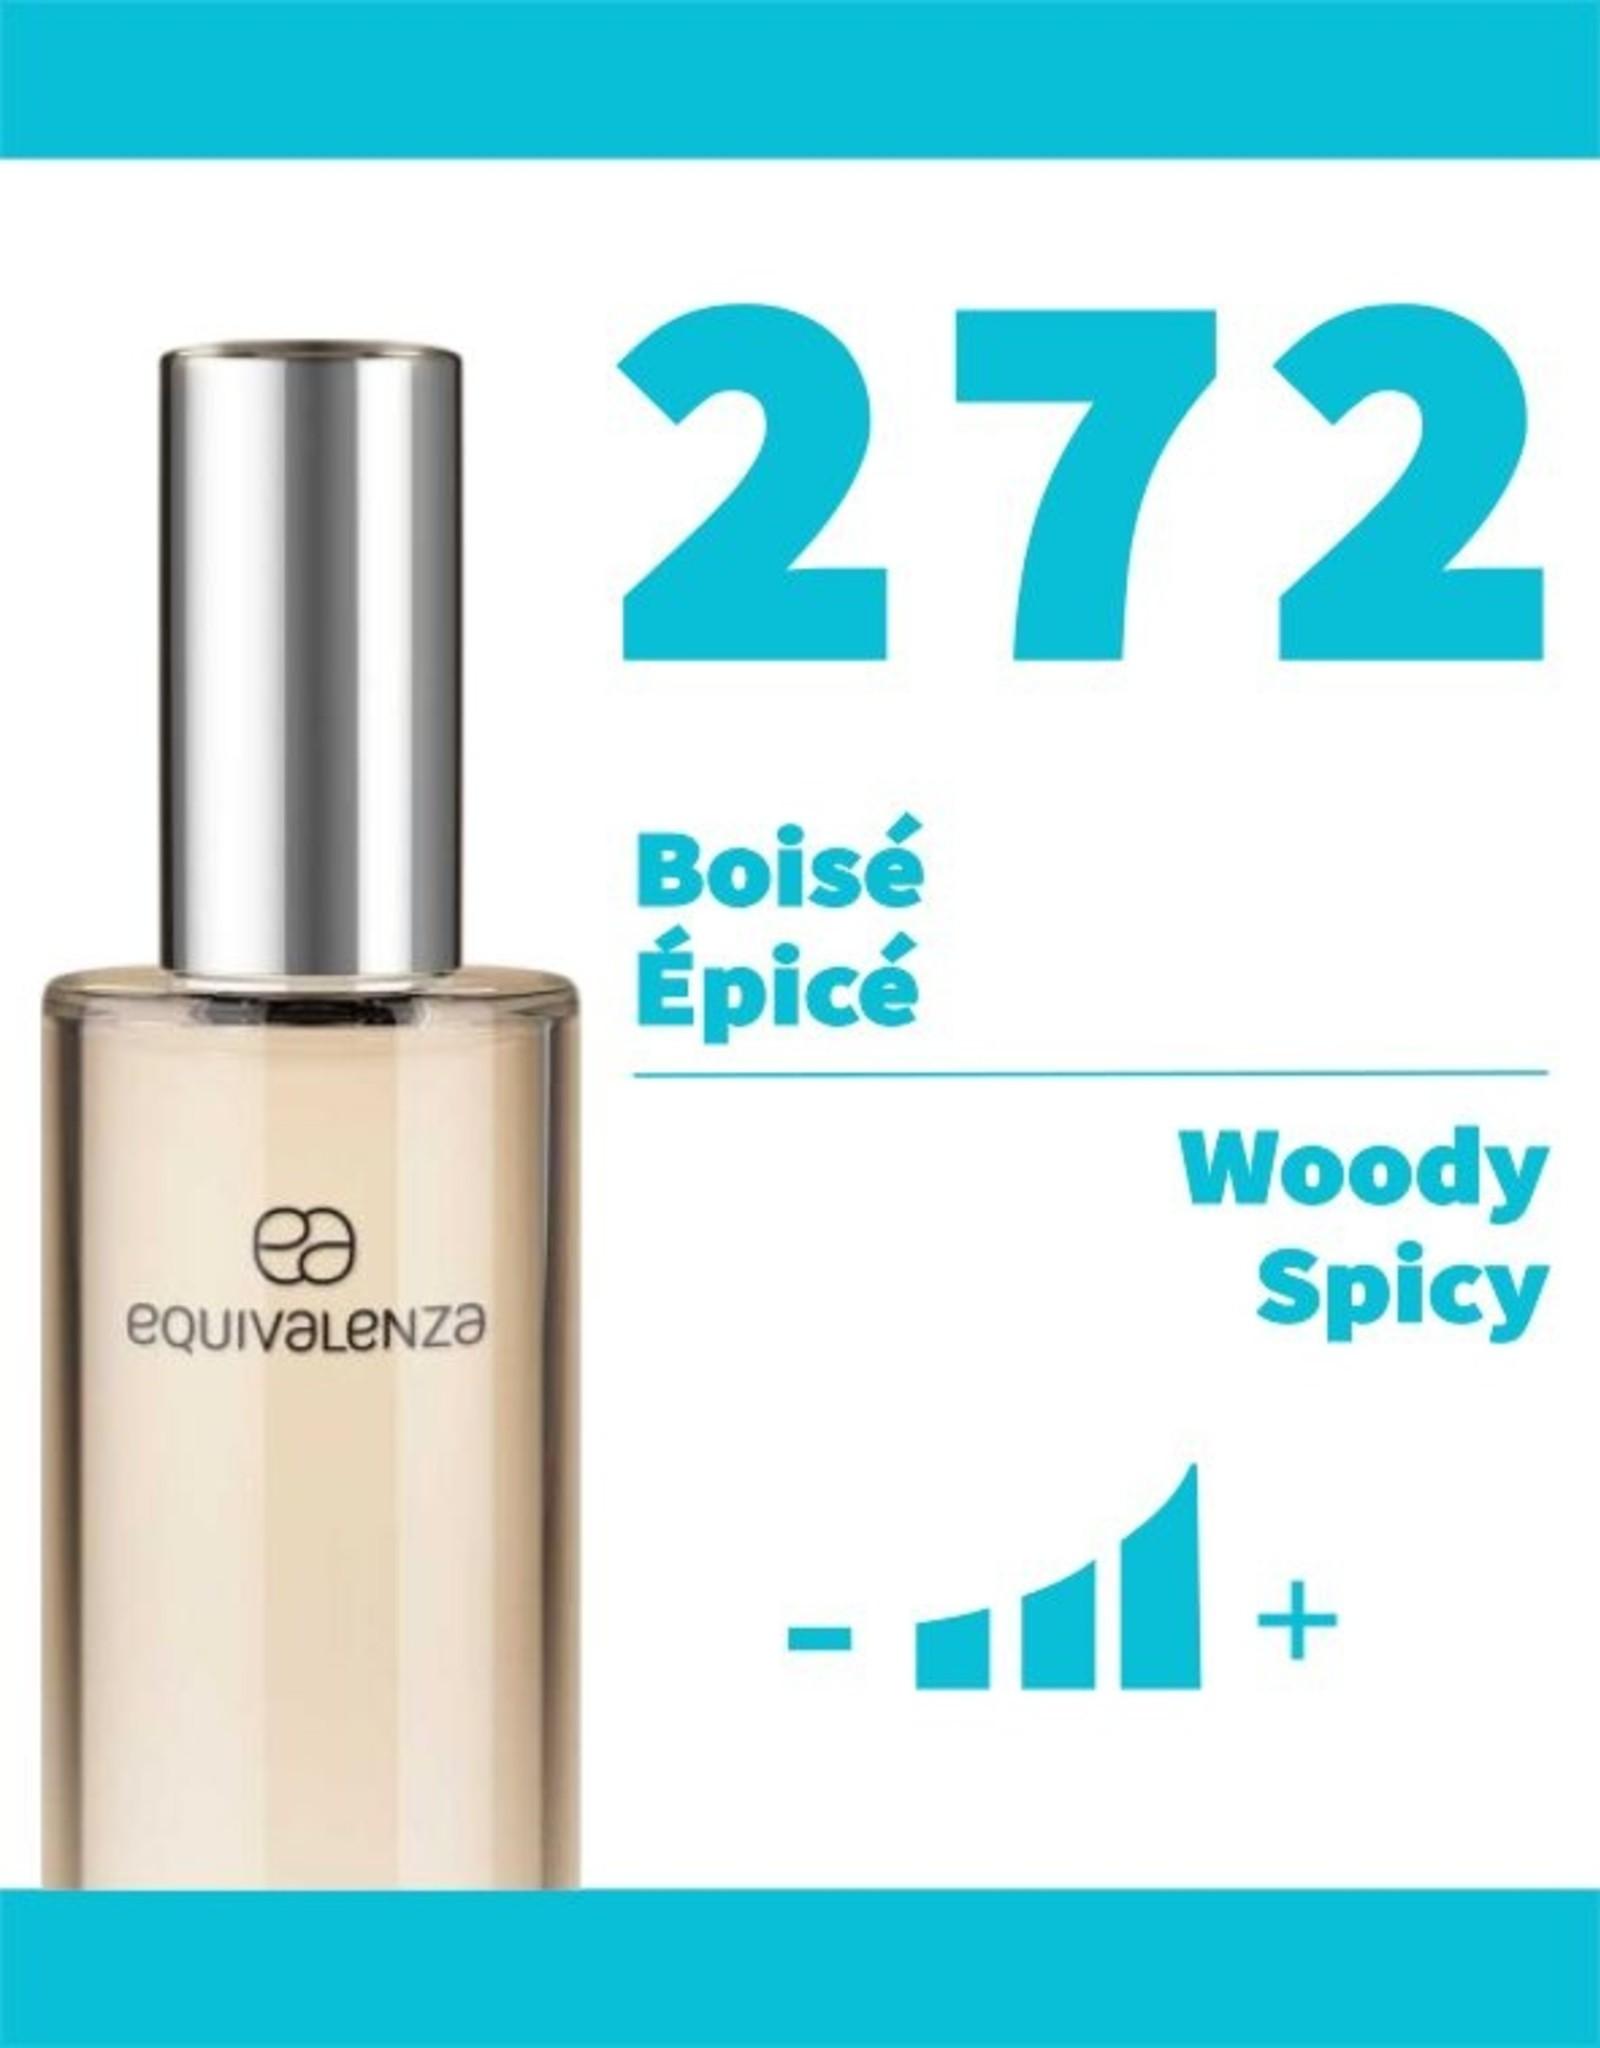 Equivalenza Eau de Toilette Woody Spicy 272